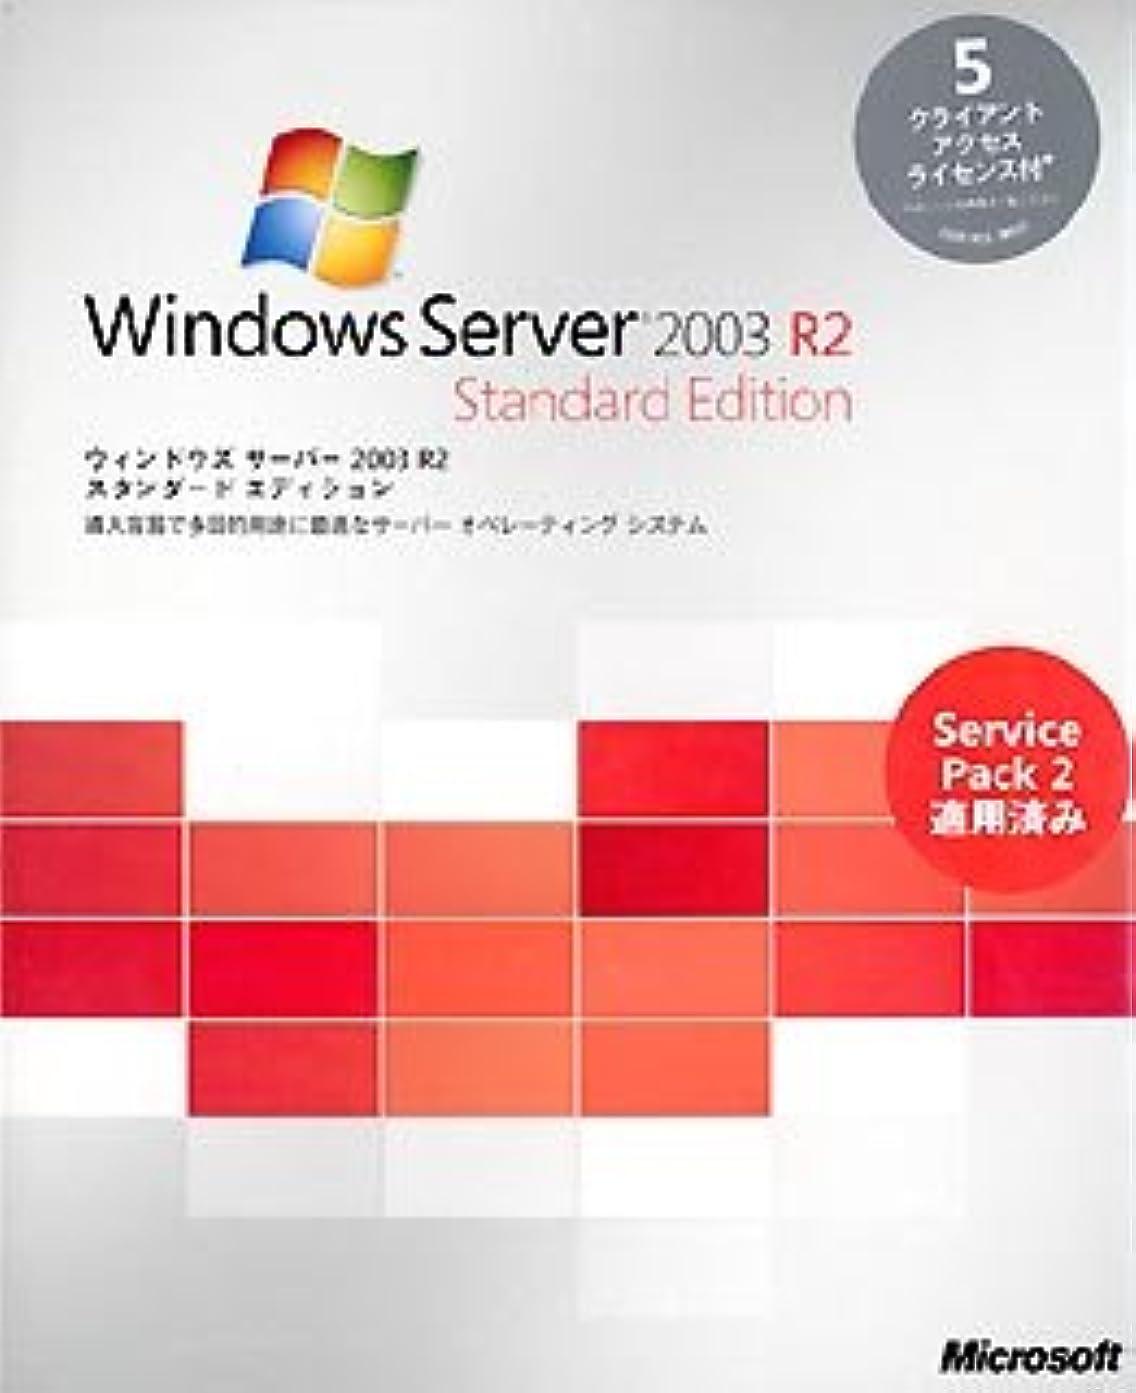 ごみ薬剤師今晩Microsoft Windows Server 2003 R2 w/SP2 Standard Edition 5クライアントアクセスライセンス付